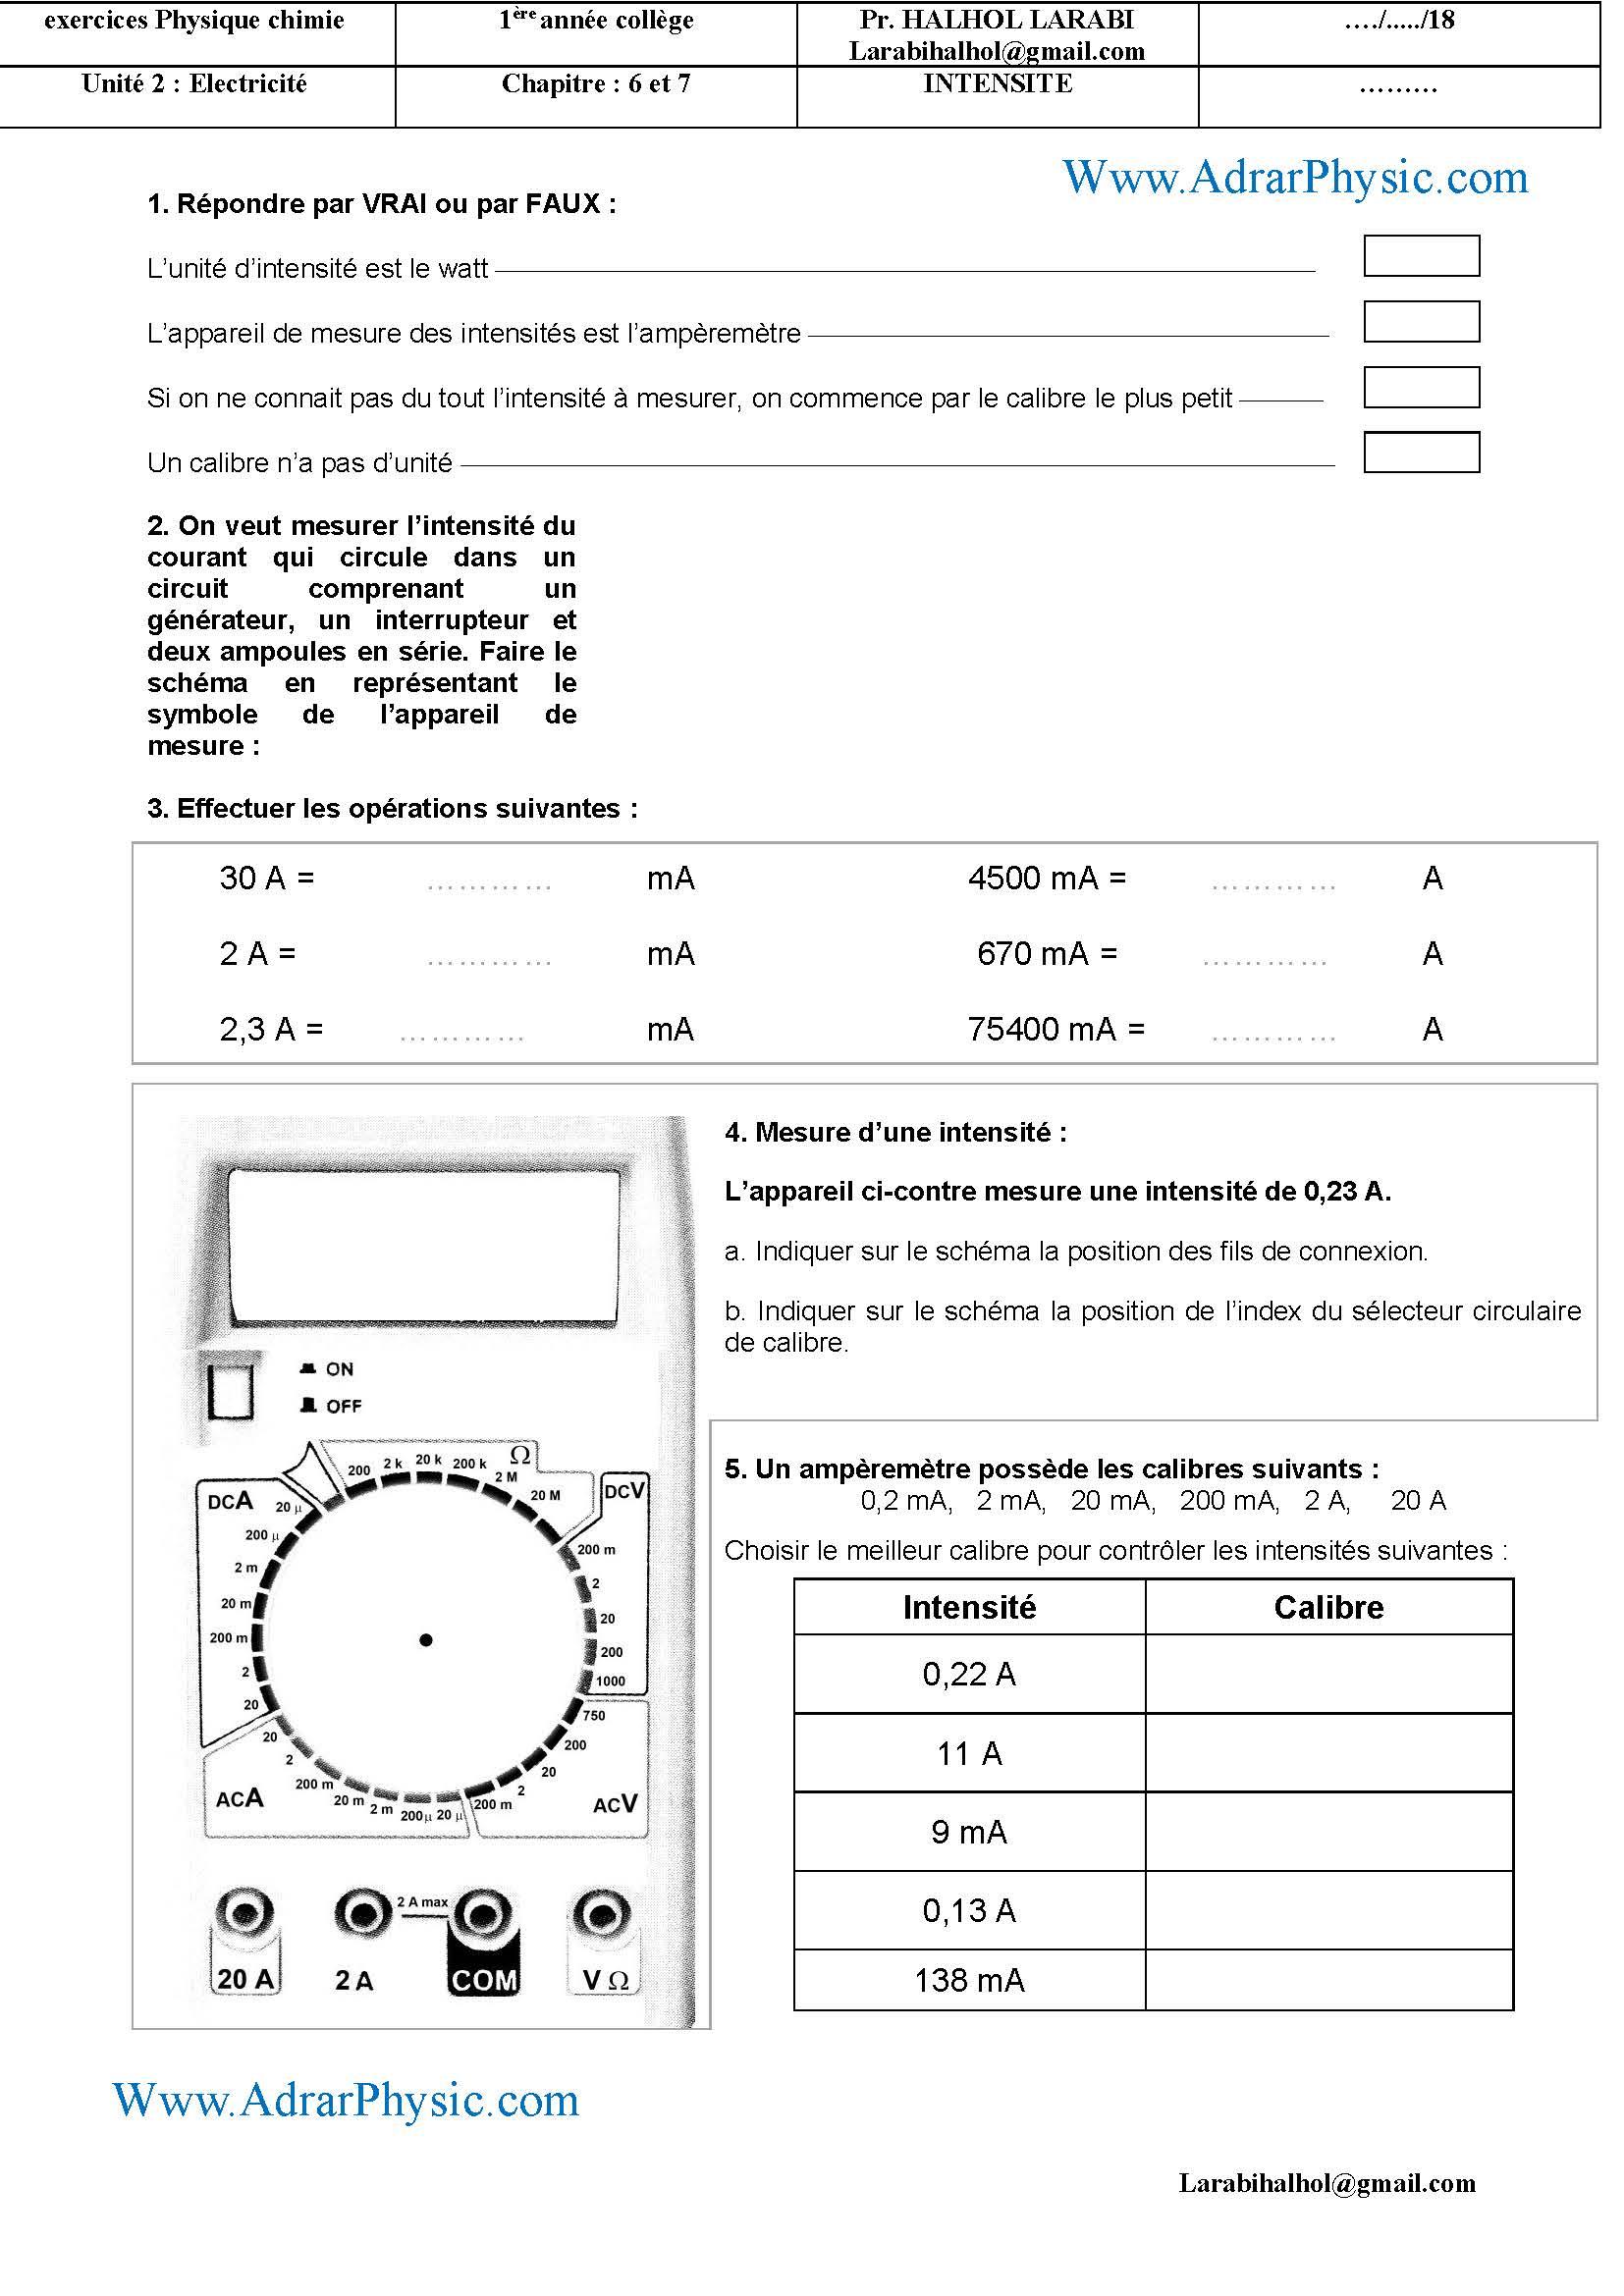 تمارين الفيزياء : : Electricité- INTENSITE | الثالثة إعدادي خيار فرنسي